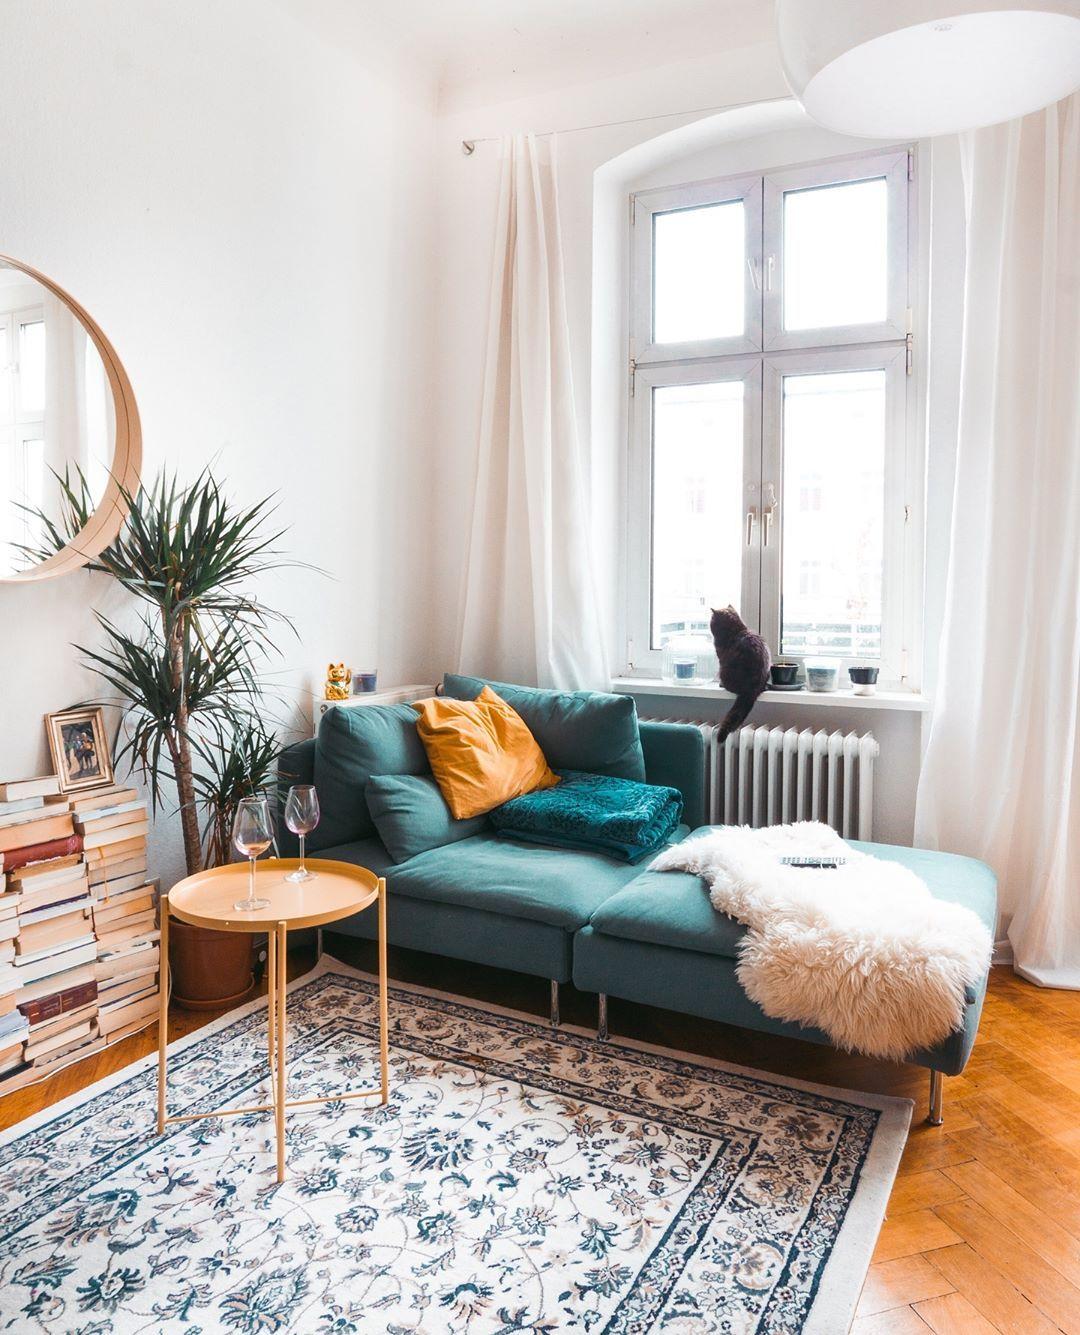 Pin On Fridlaa Interior Einrichtung Katze Diy #space #saver #living #room